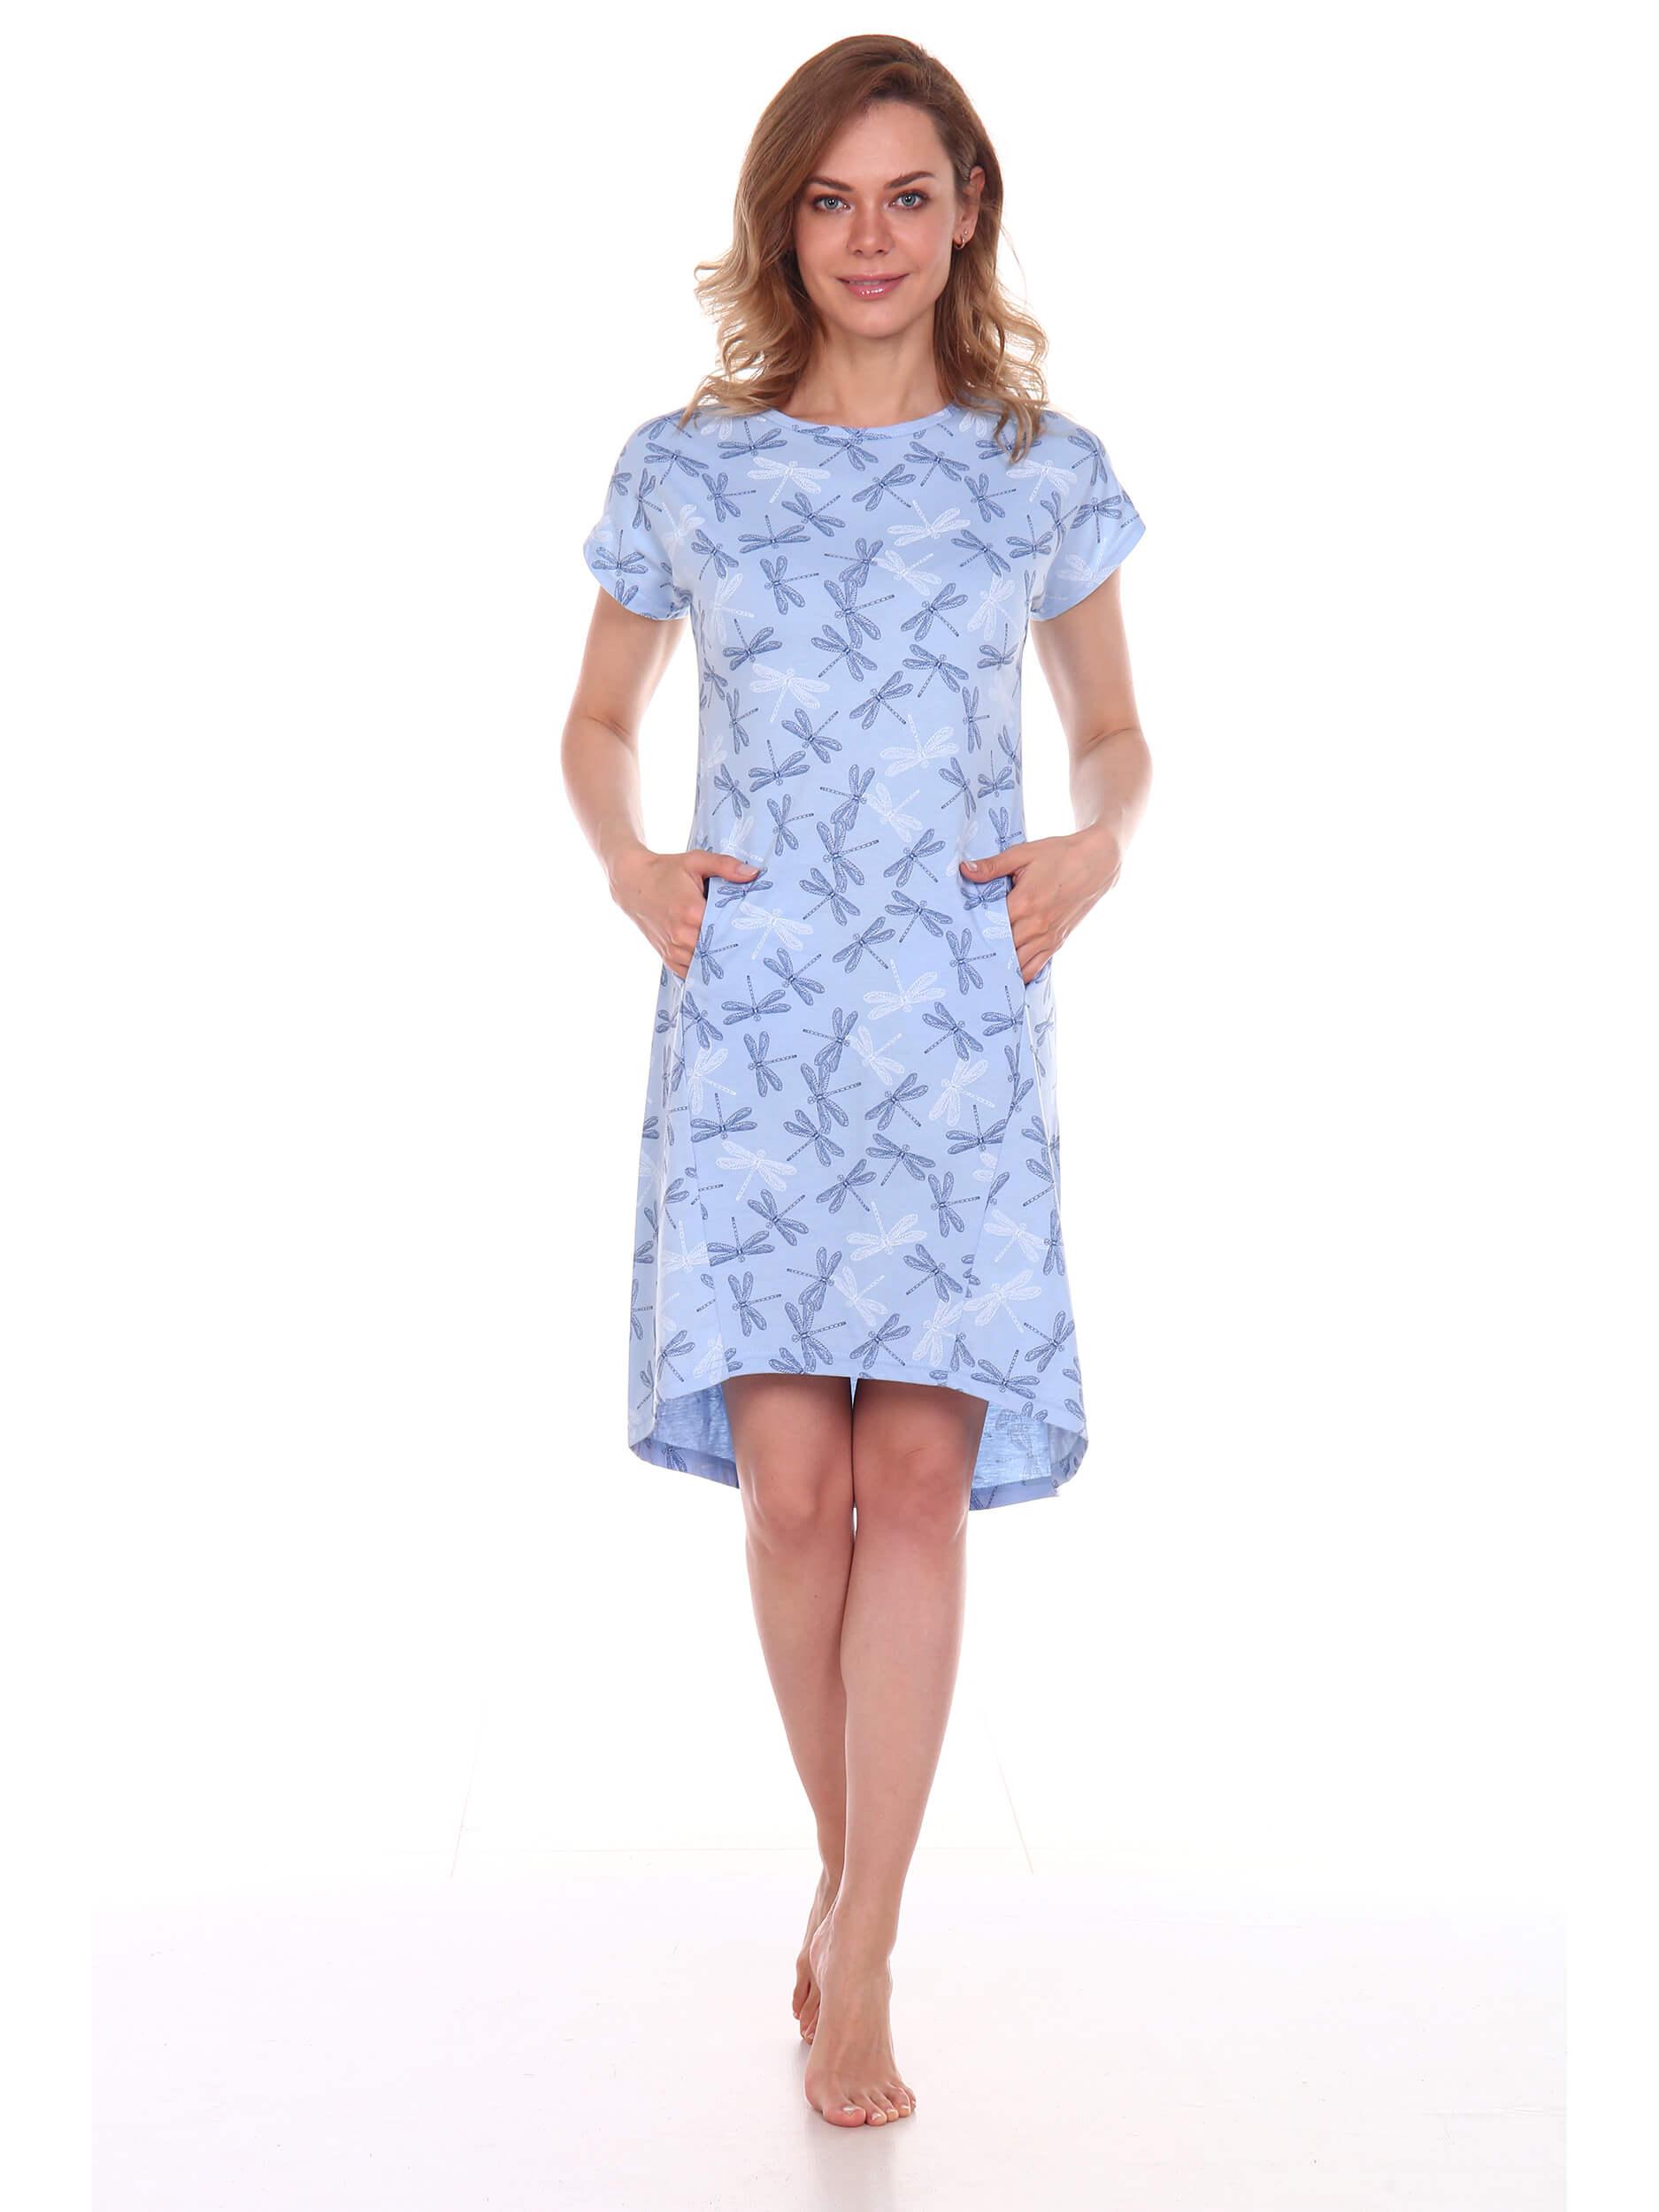 Туника женская, модель 150, трикотаж (Стрекозы, голубой)